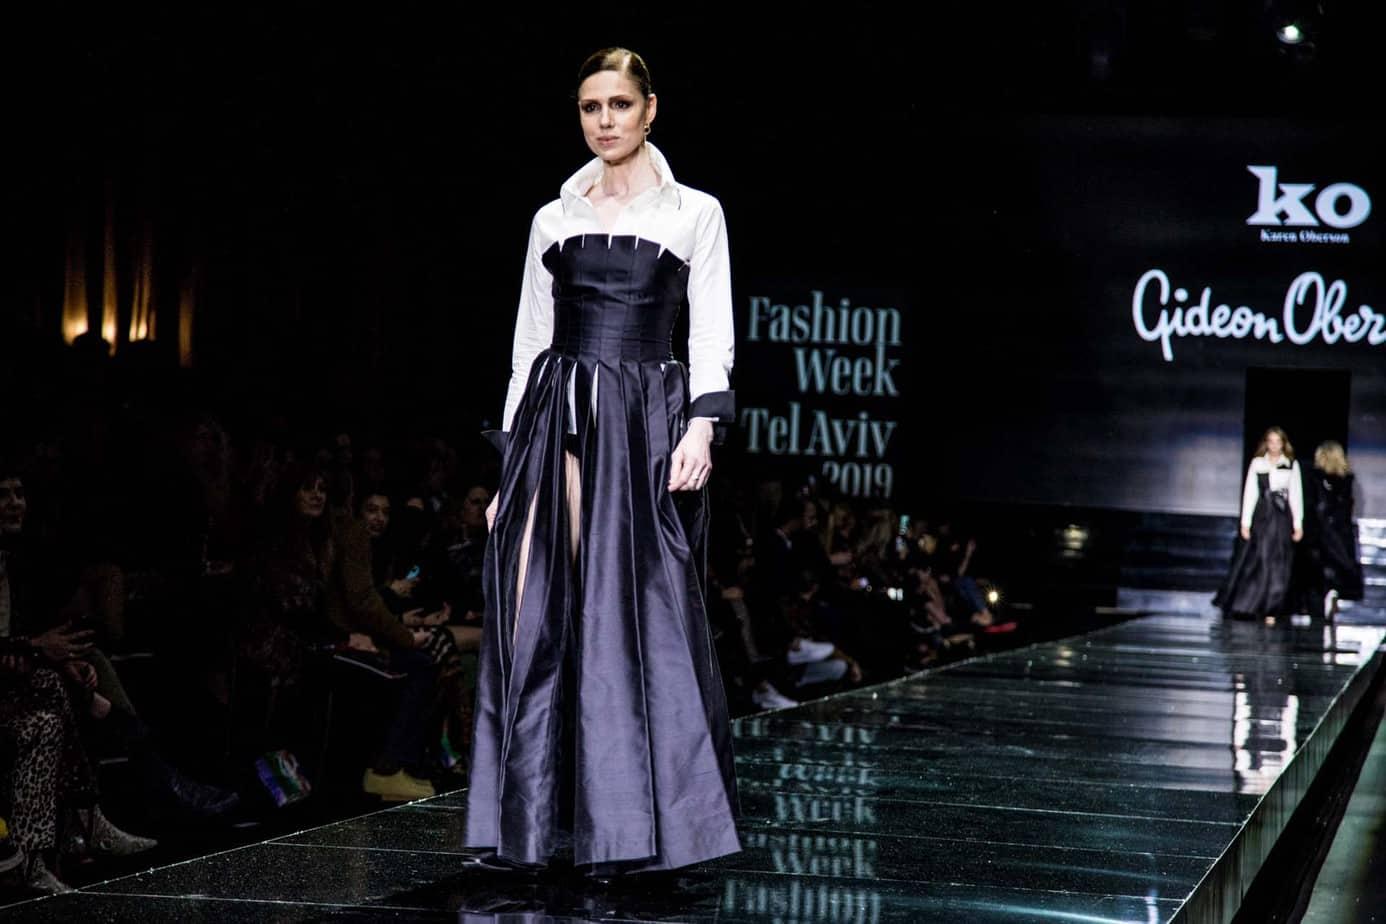 רונית יודקביץ׳. גדעון אוברזון. שבוע האופנה תל אביב 2019. צילום: אלכס פרגמנט